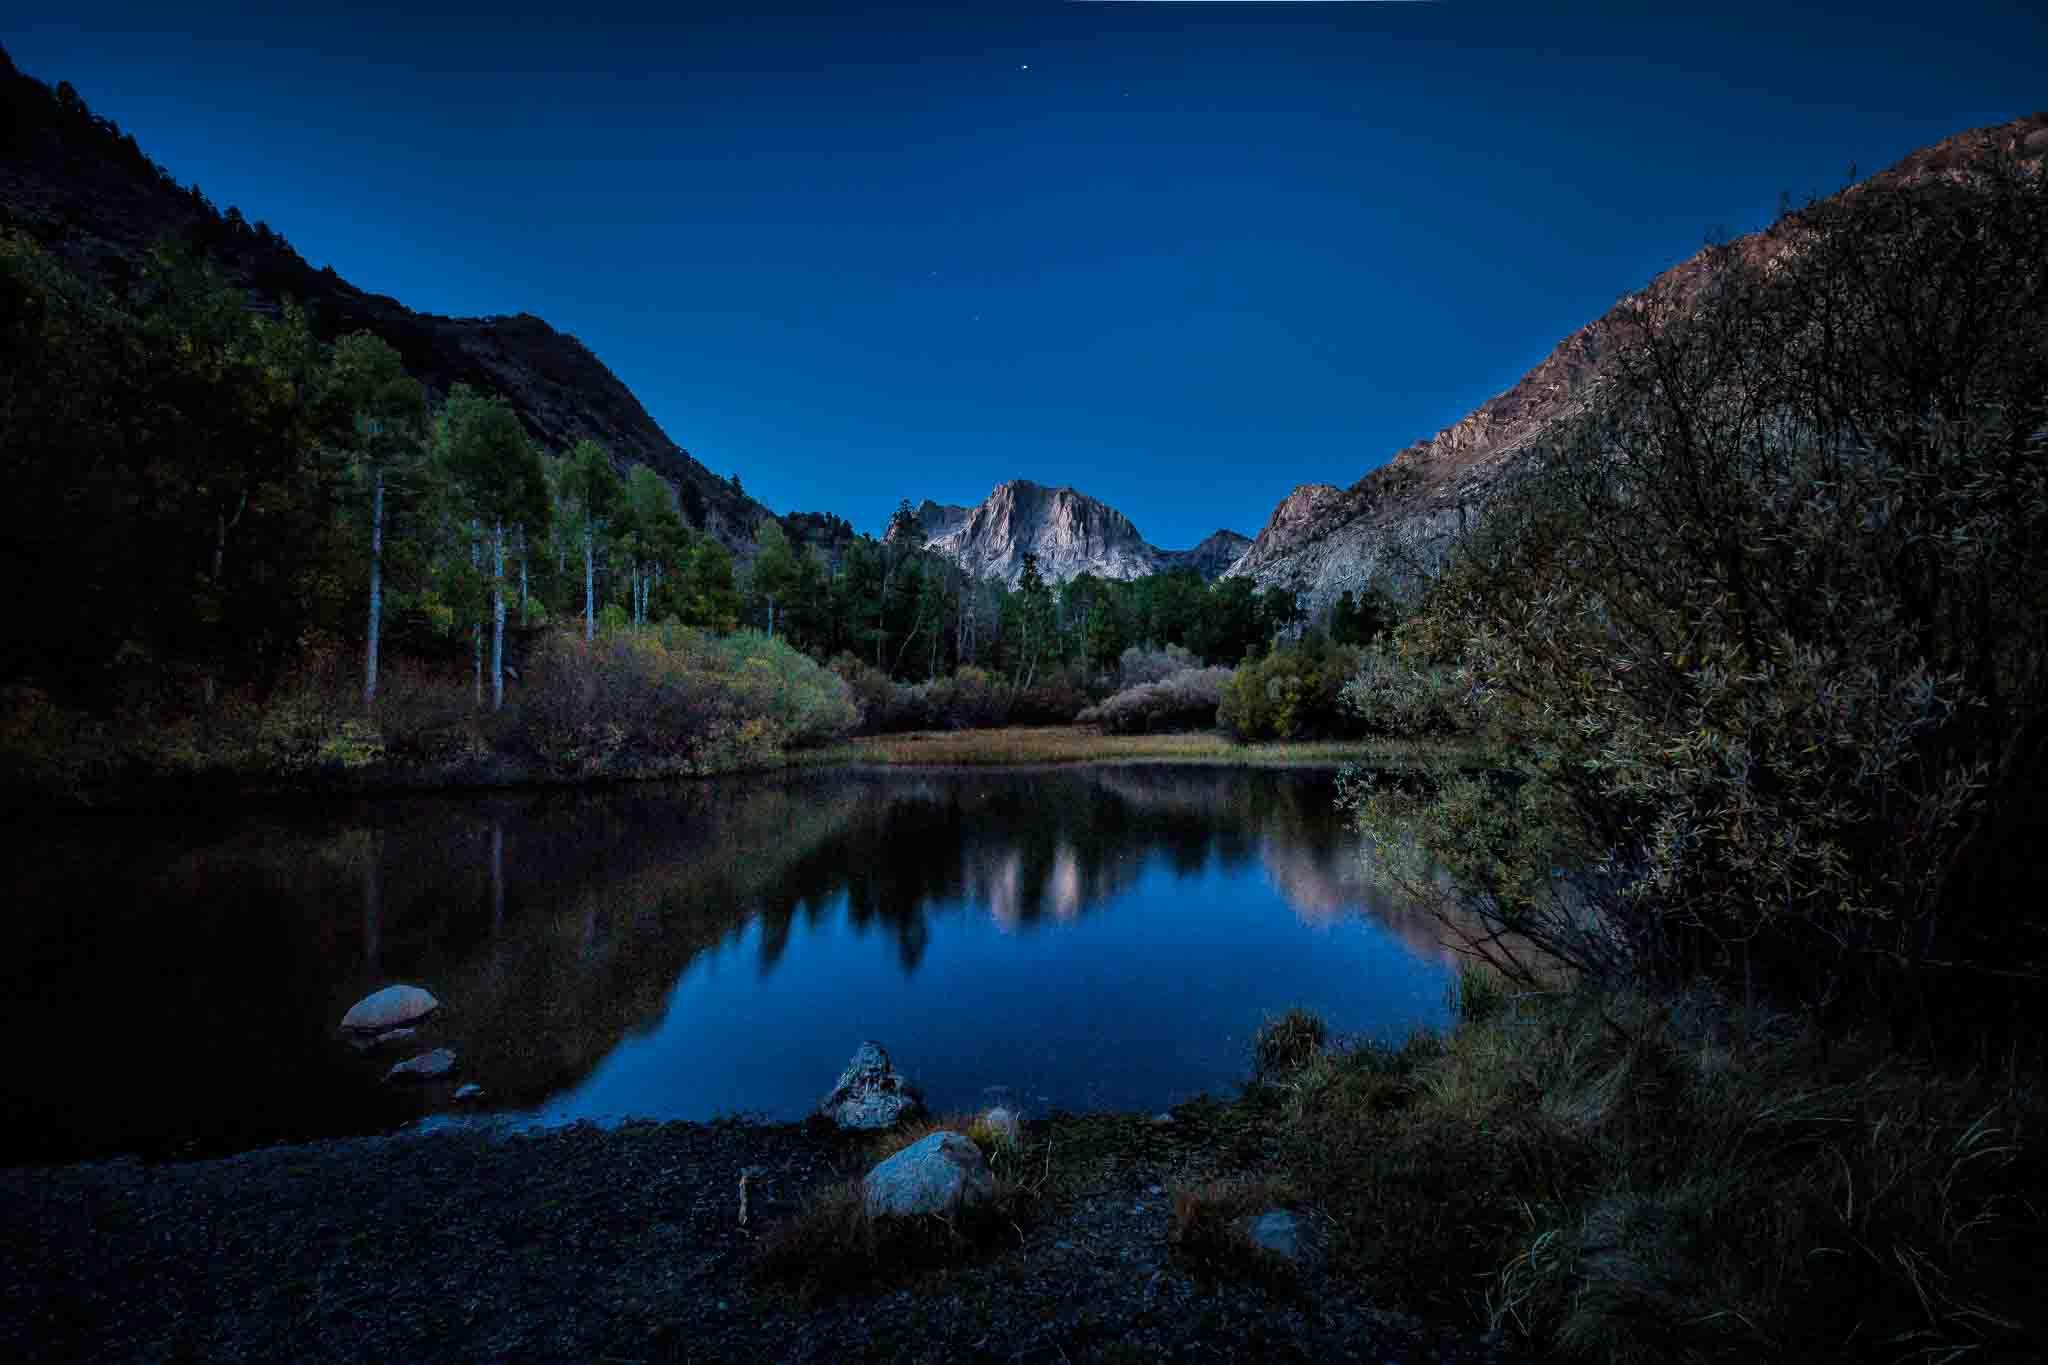 Tim Hacker - June Lake, CA